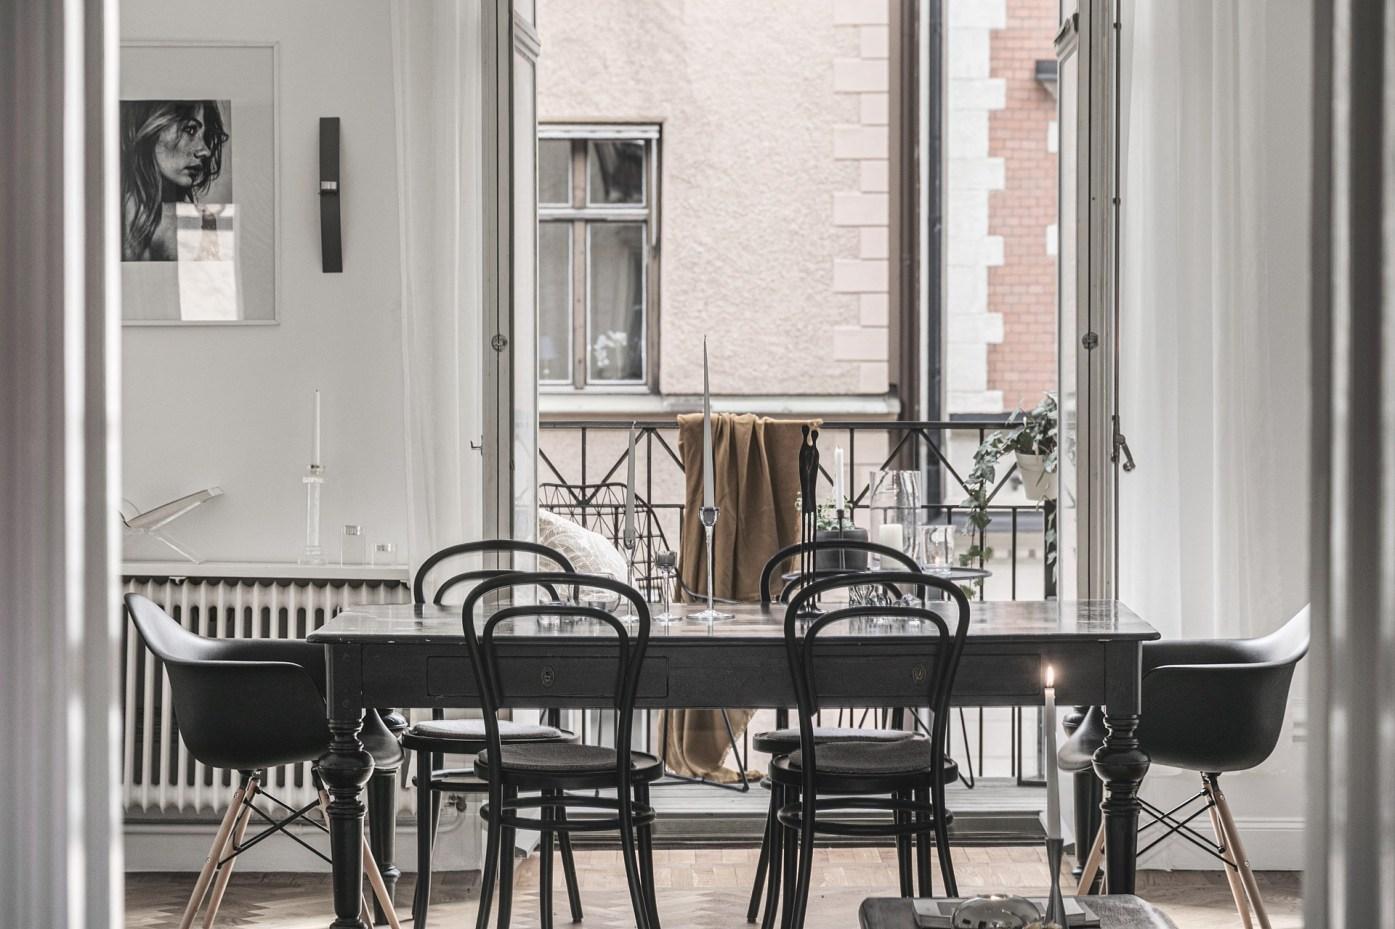 квартира 89 квм обеденный стол стулья